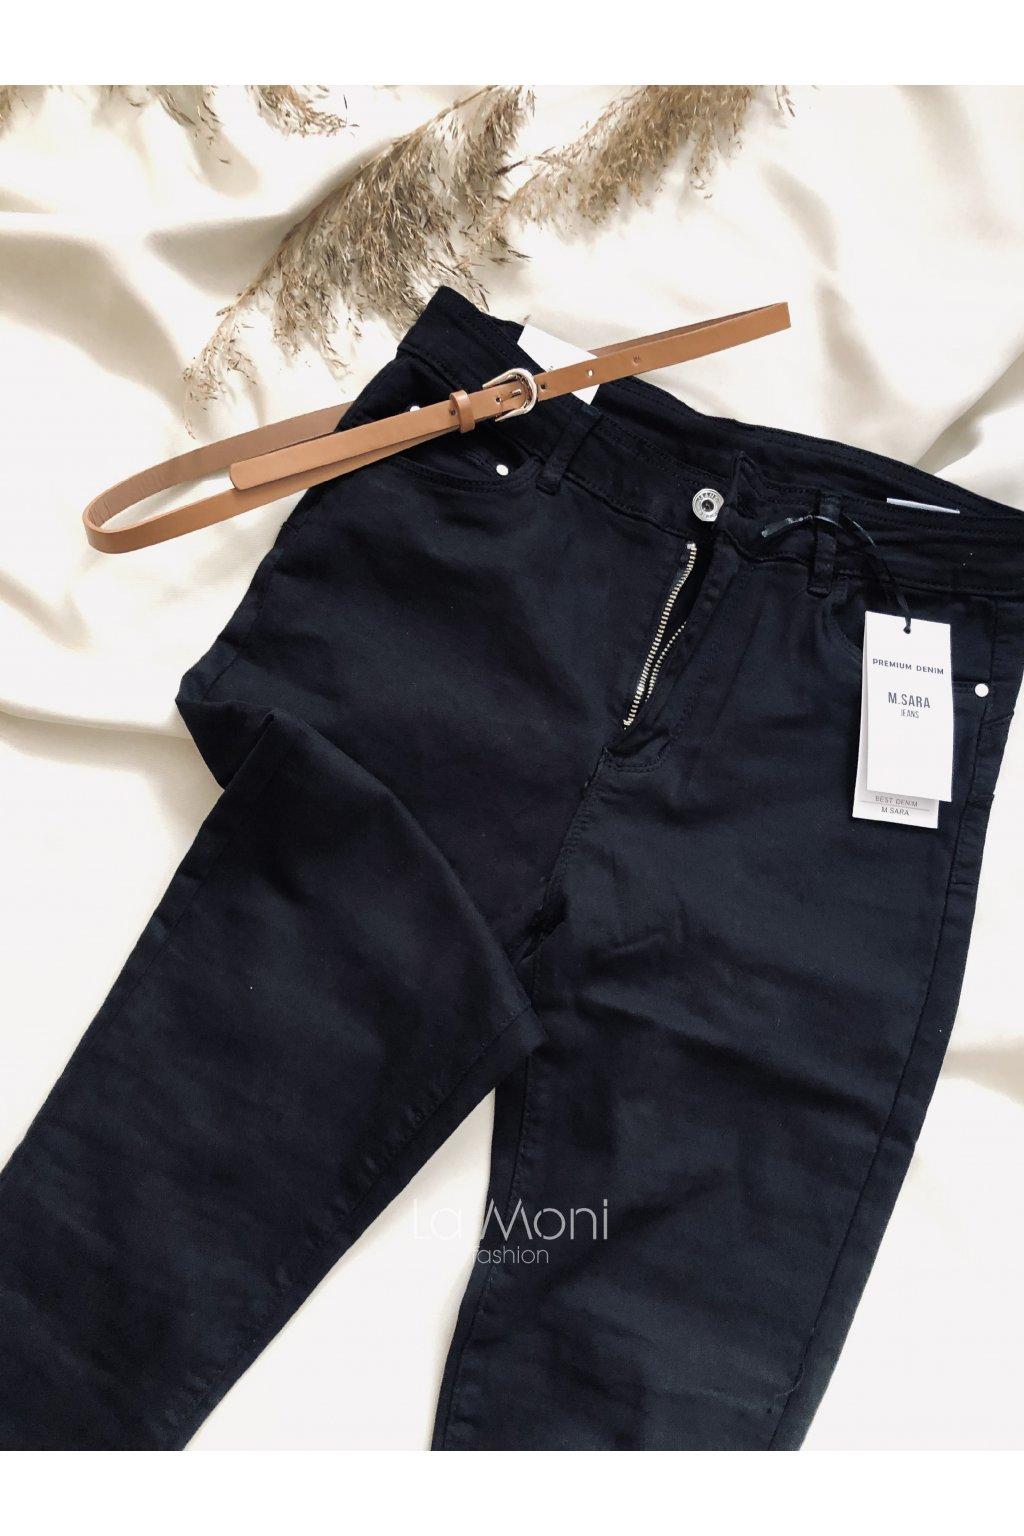 Strečové džíny push-up  s páskem